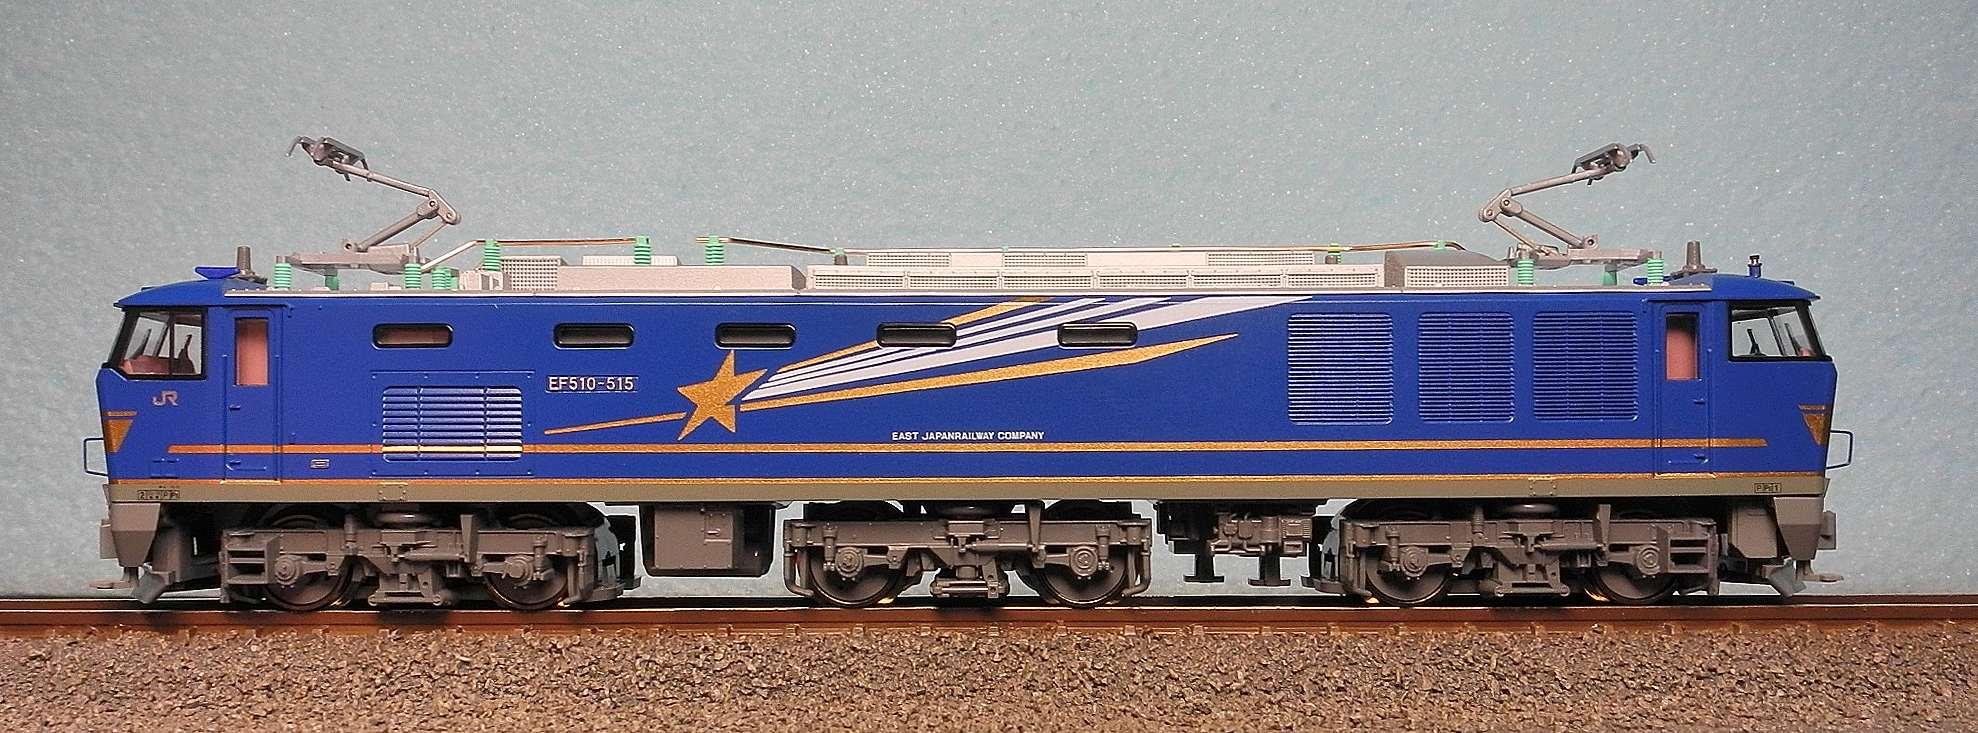 DSCN4241-1.jpg